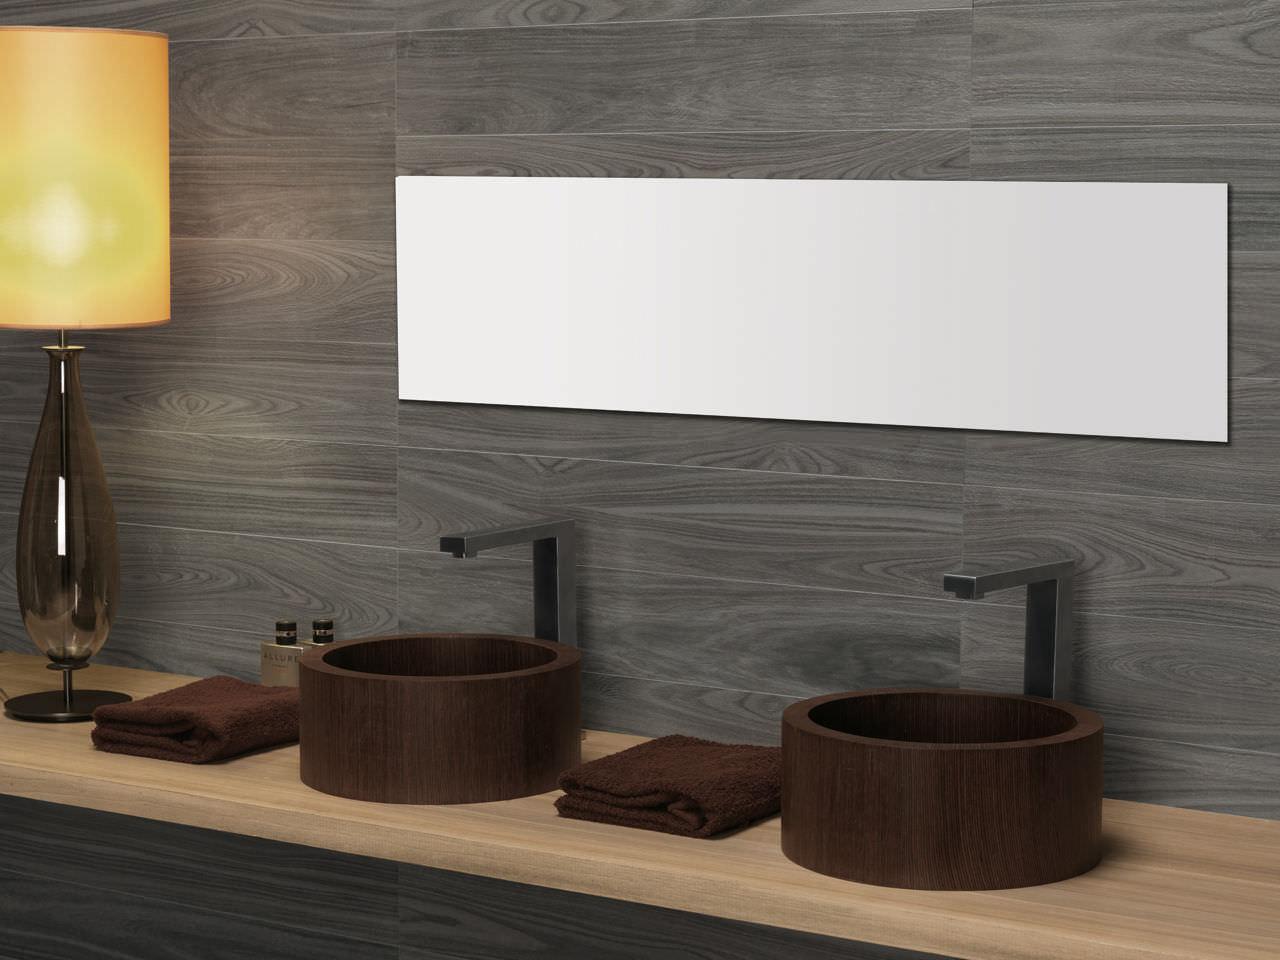 Come scegliere le piastrelle del bagno piastrelle bagno - Piastrelle per bagno moderno ...